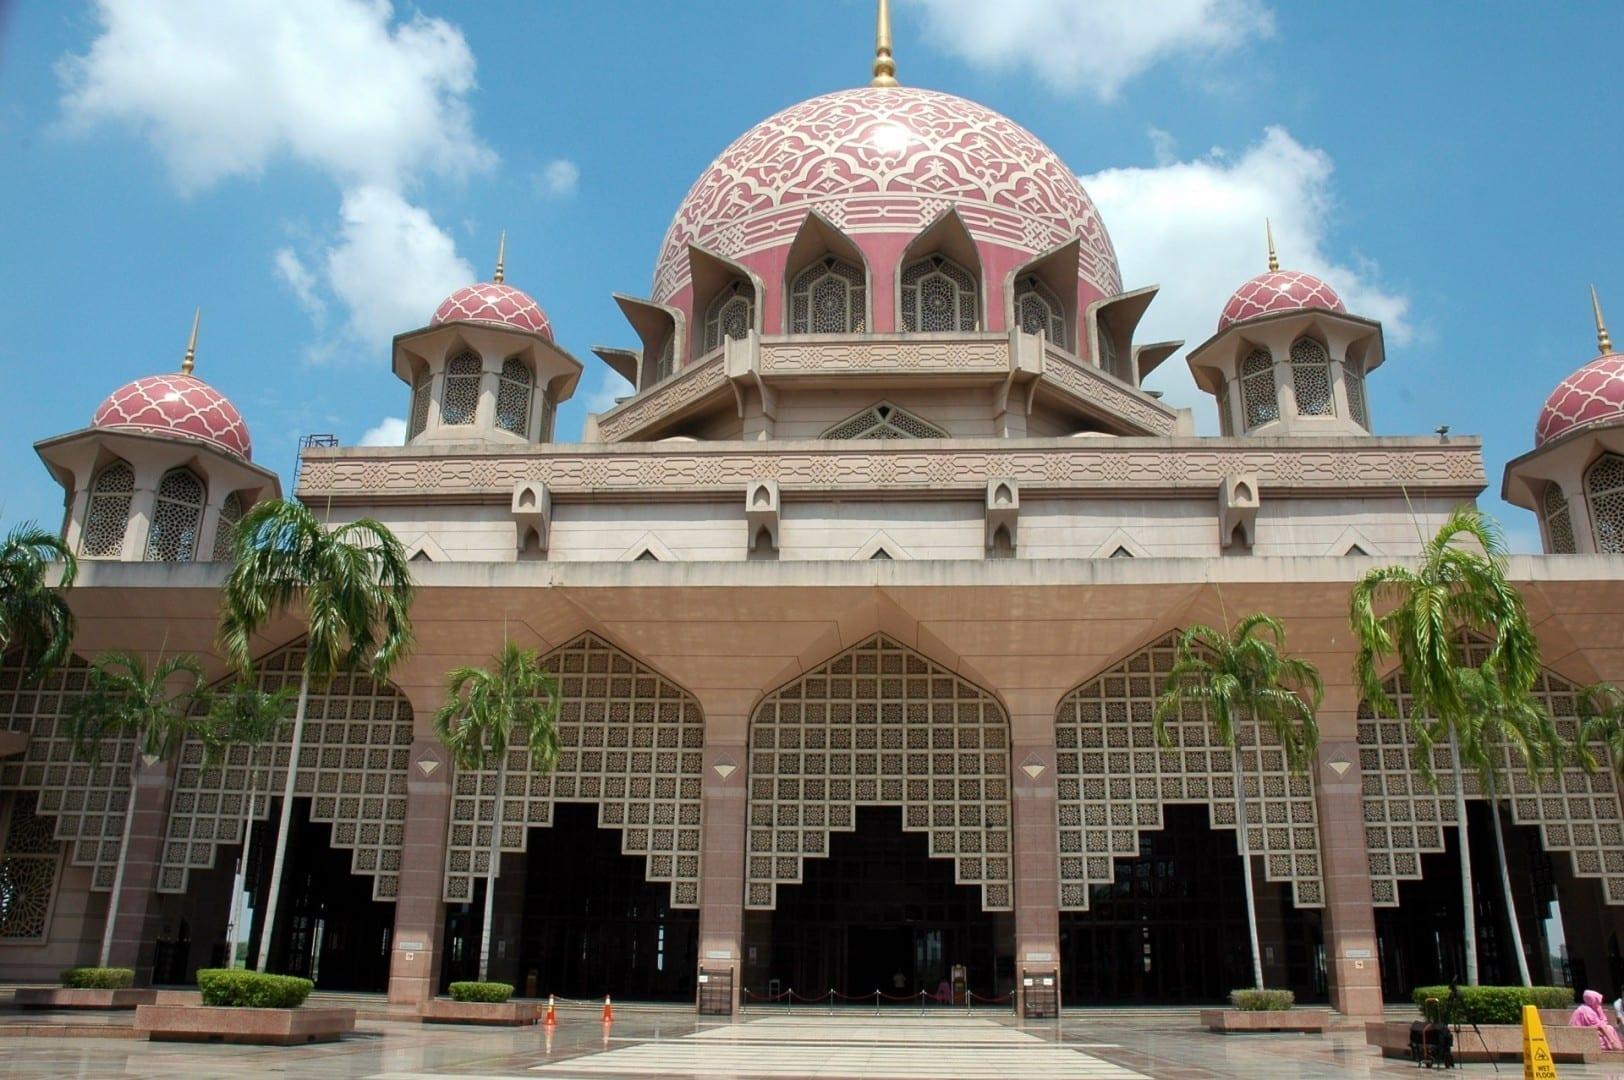 En el patio de la Mezquita de Putra Putrajaya Malasia